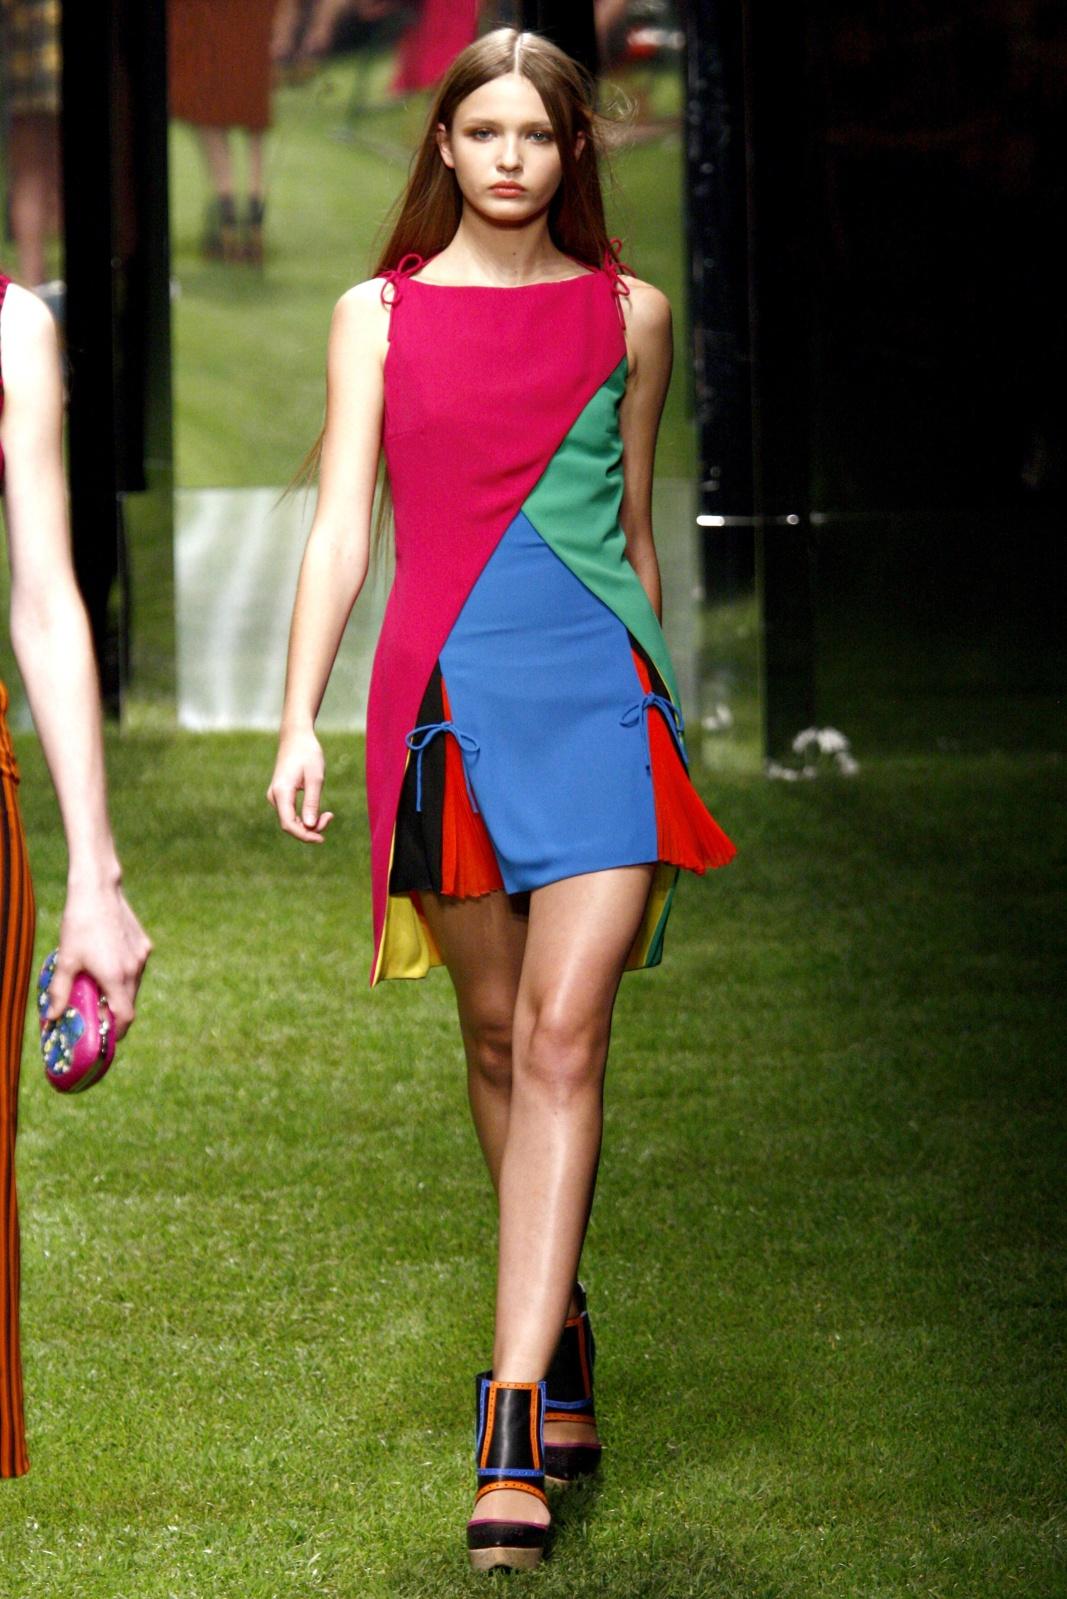 Платья: Игра На Контрасте Цветов